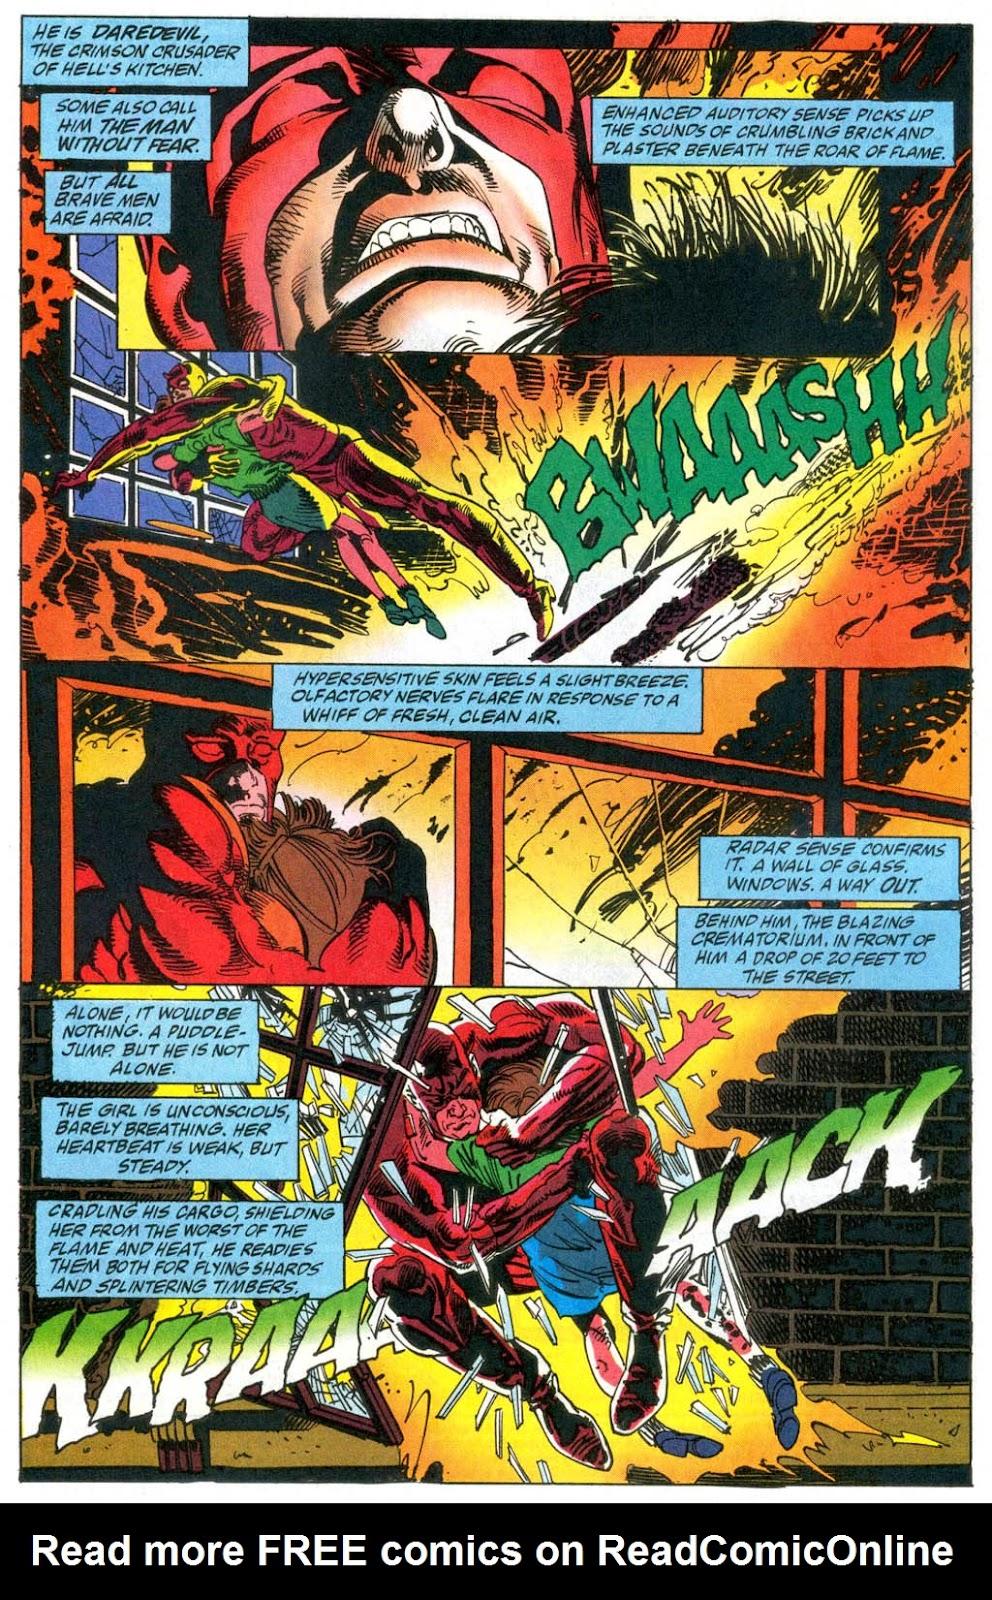 Read online Daredevil vs. Vapora comic -  Issue # Full - 4